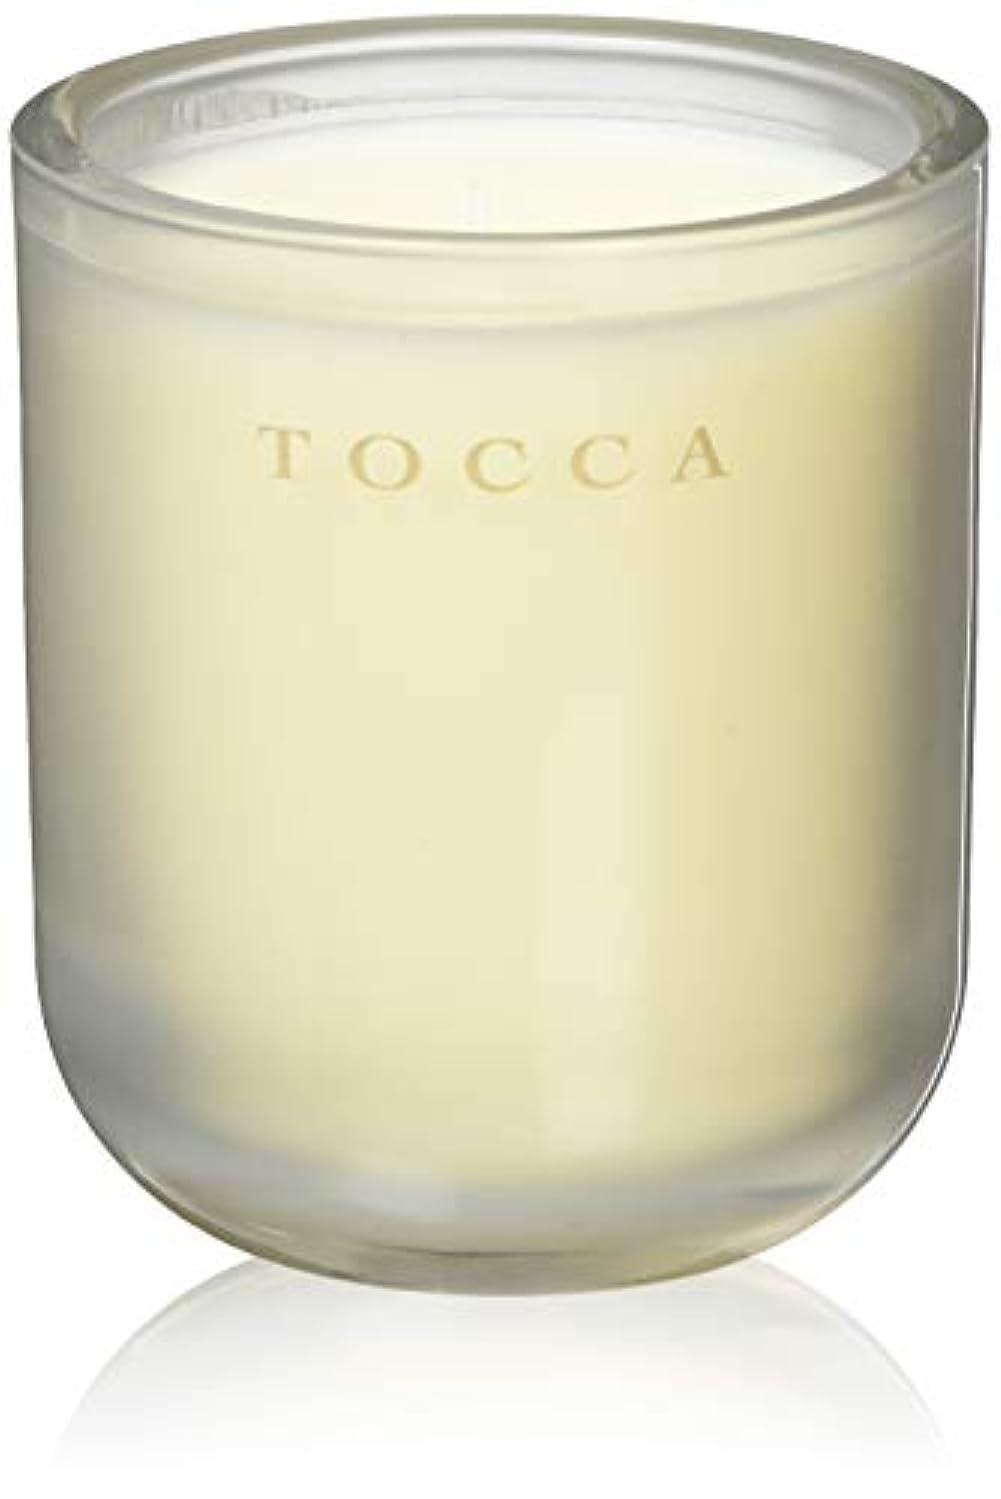 形状島王朝TOCCA(トッカ) ボヤージュ キャンドル バレンシア 287g (ろうそく 芳香 オレンジとベルガモットのフレッシュシトラスな香り)